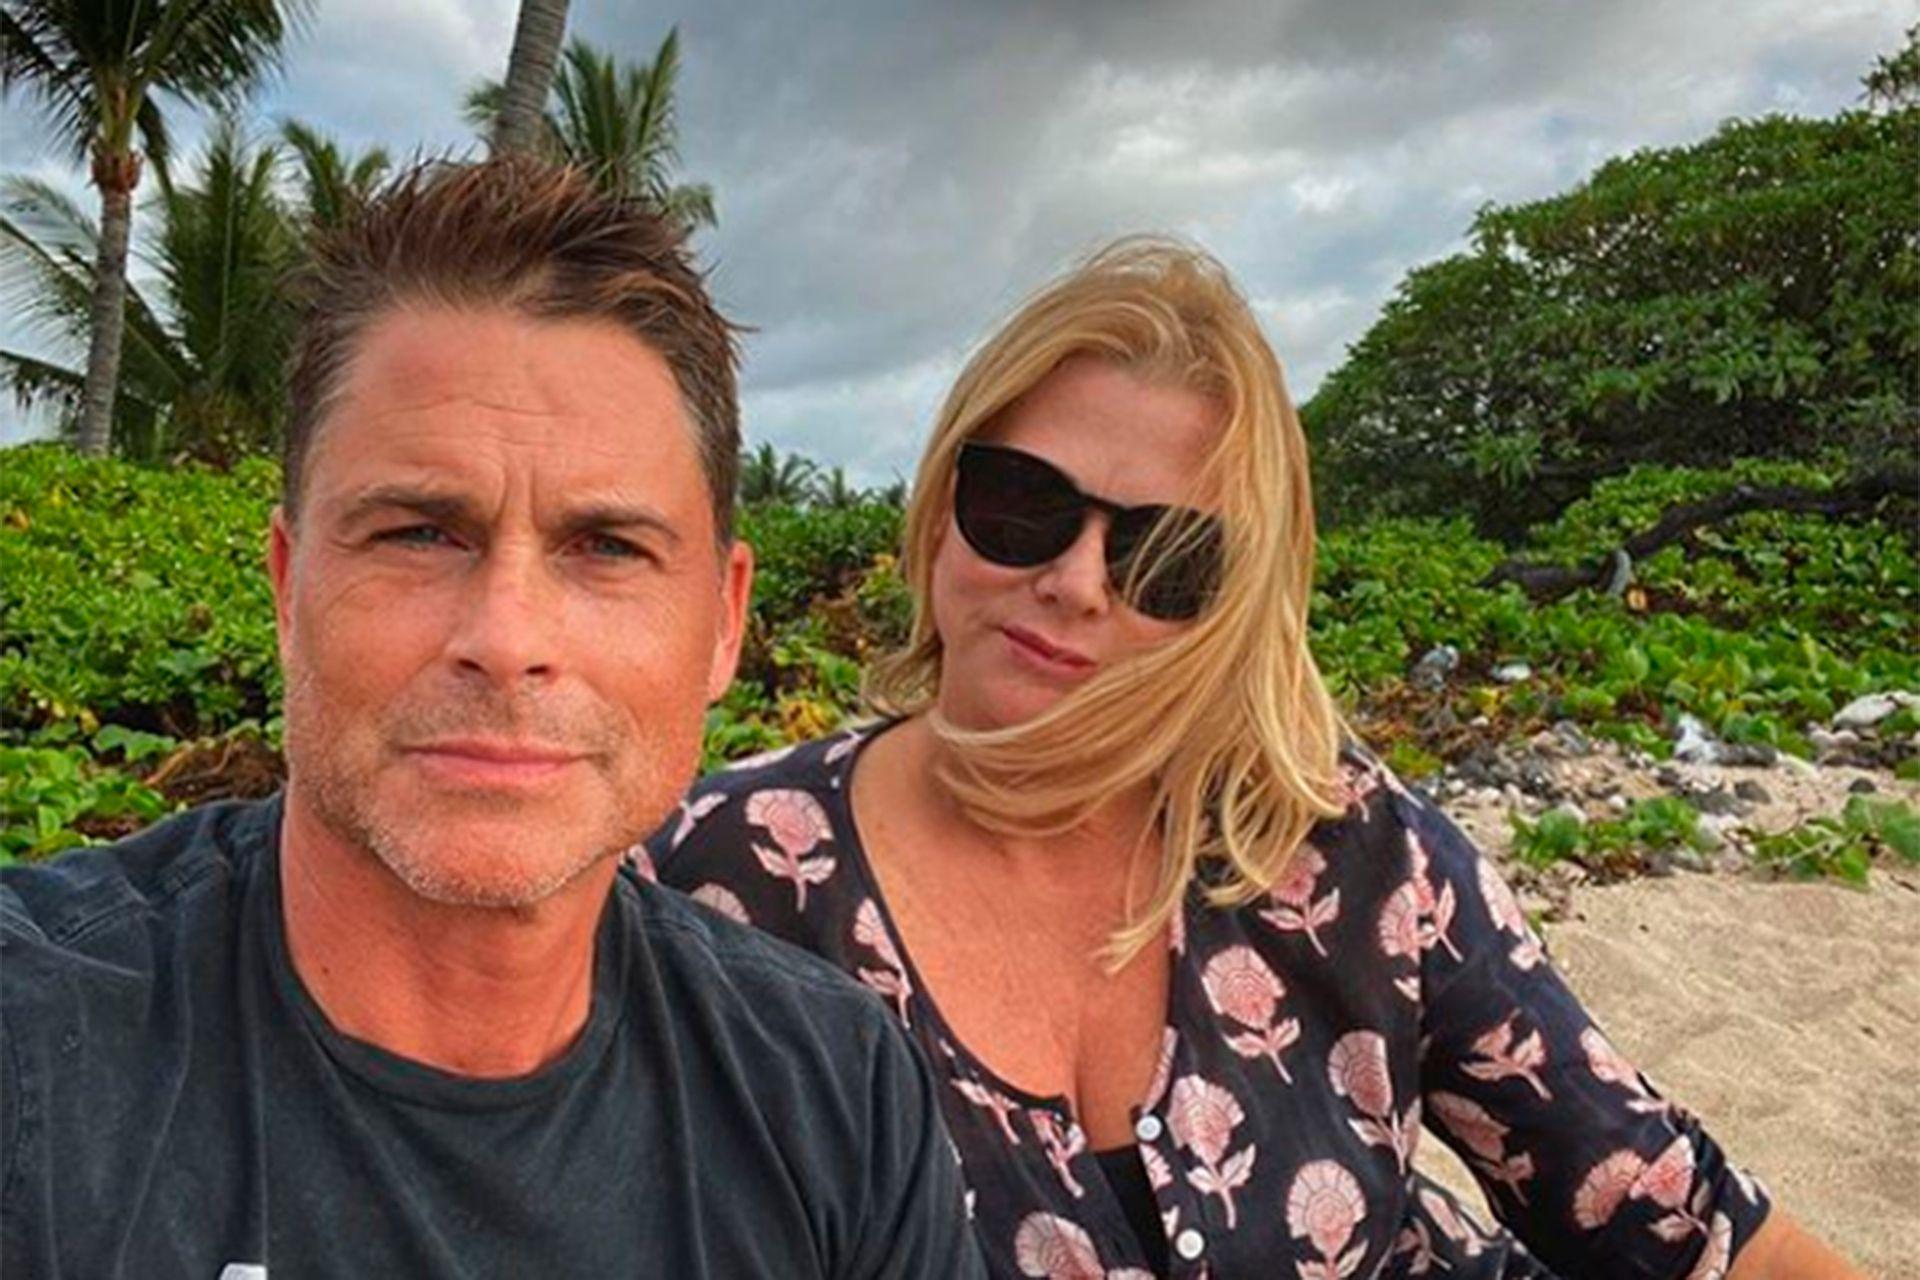 Robe Lowe y su esposa, Sheryl Berkoff, esperaran el nuevo año también en la playa, más precisamente en Hawaii